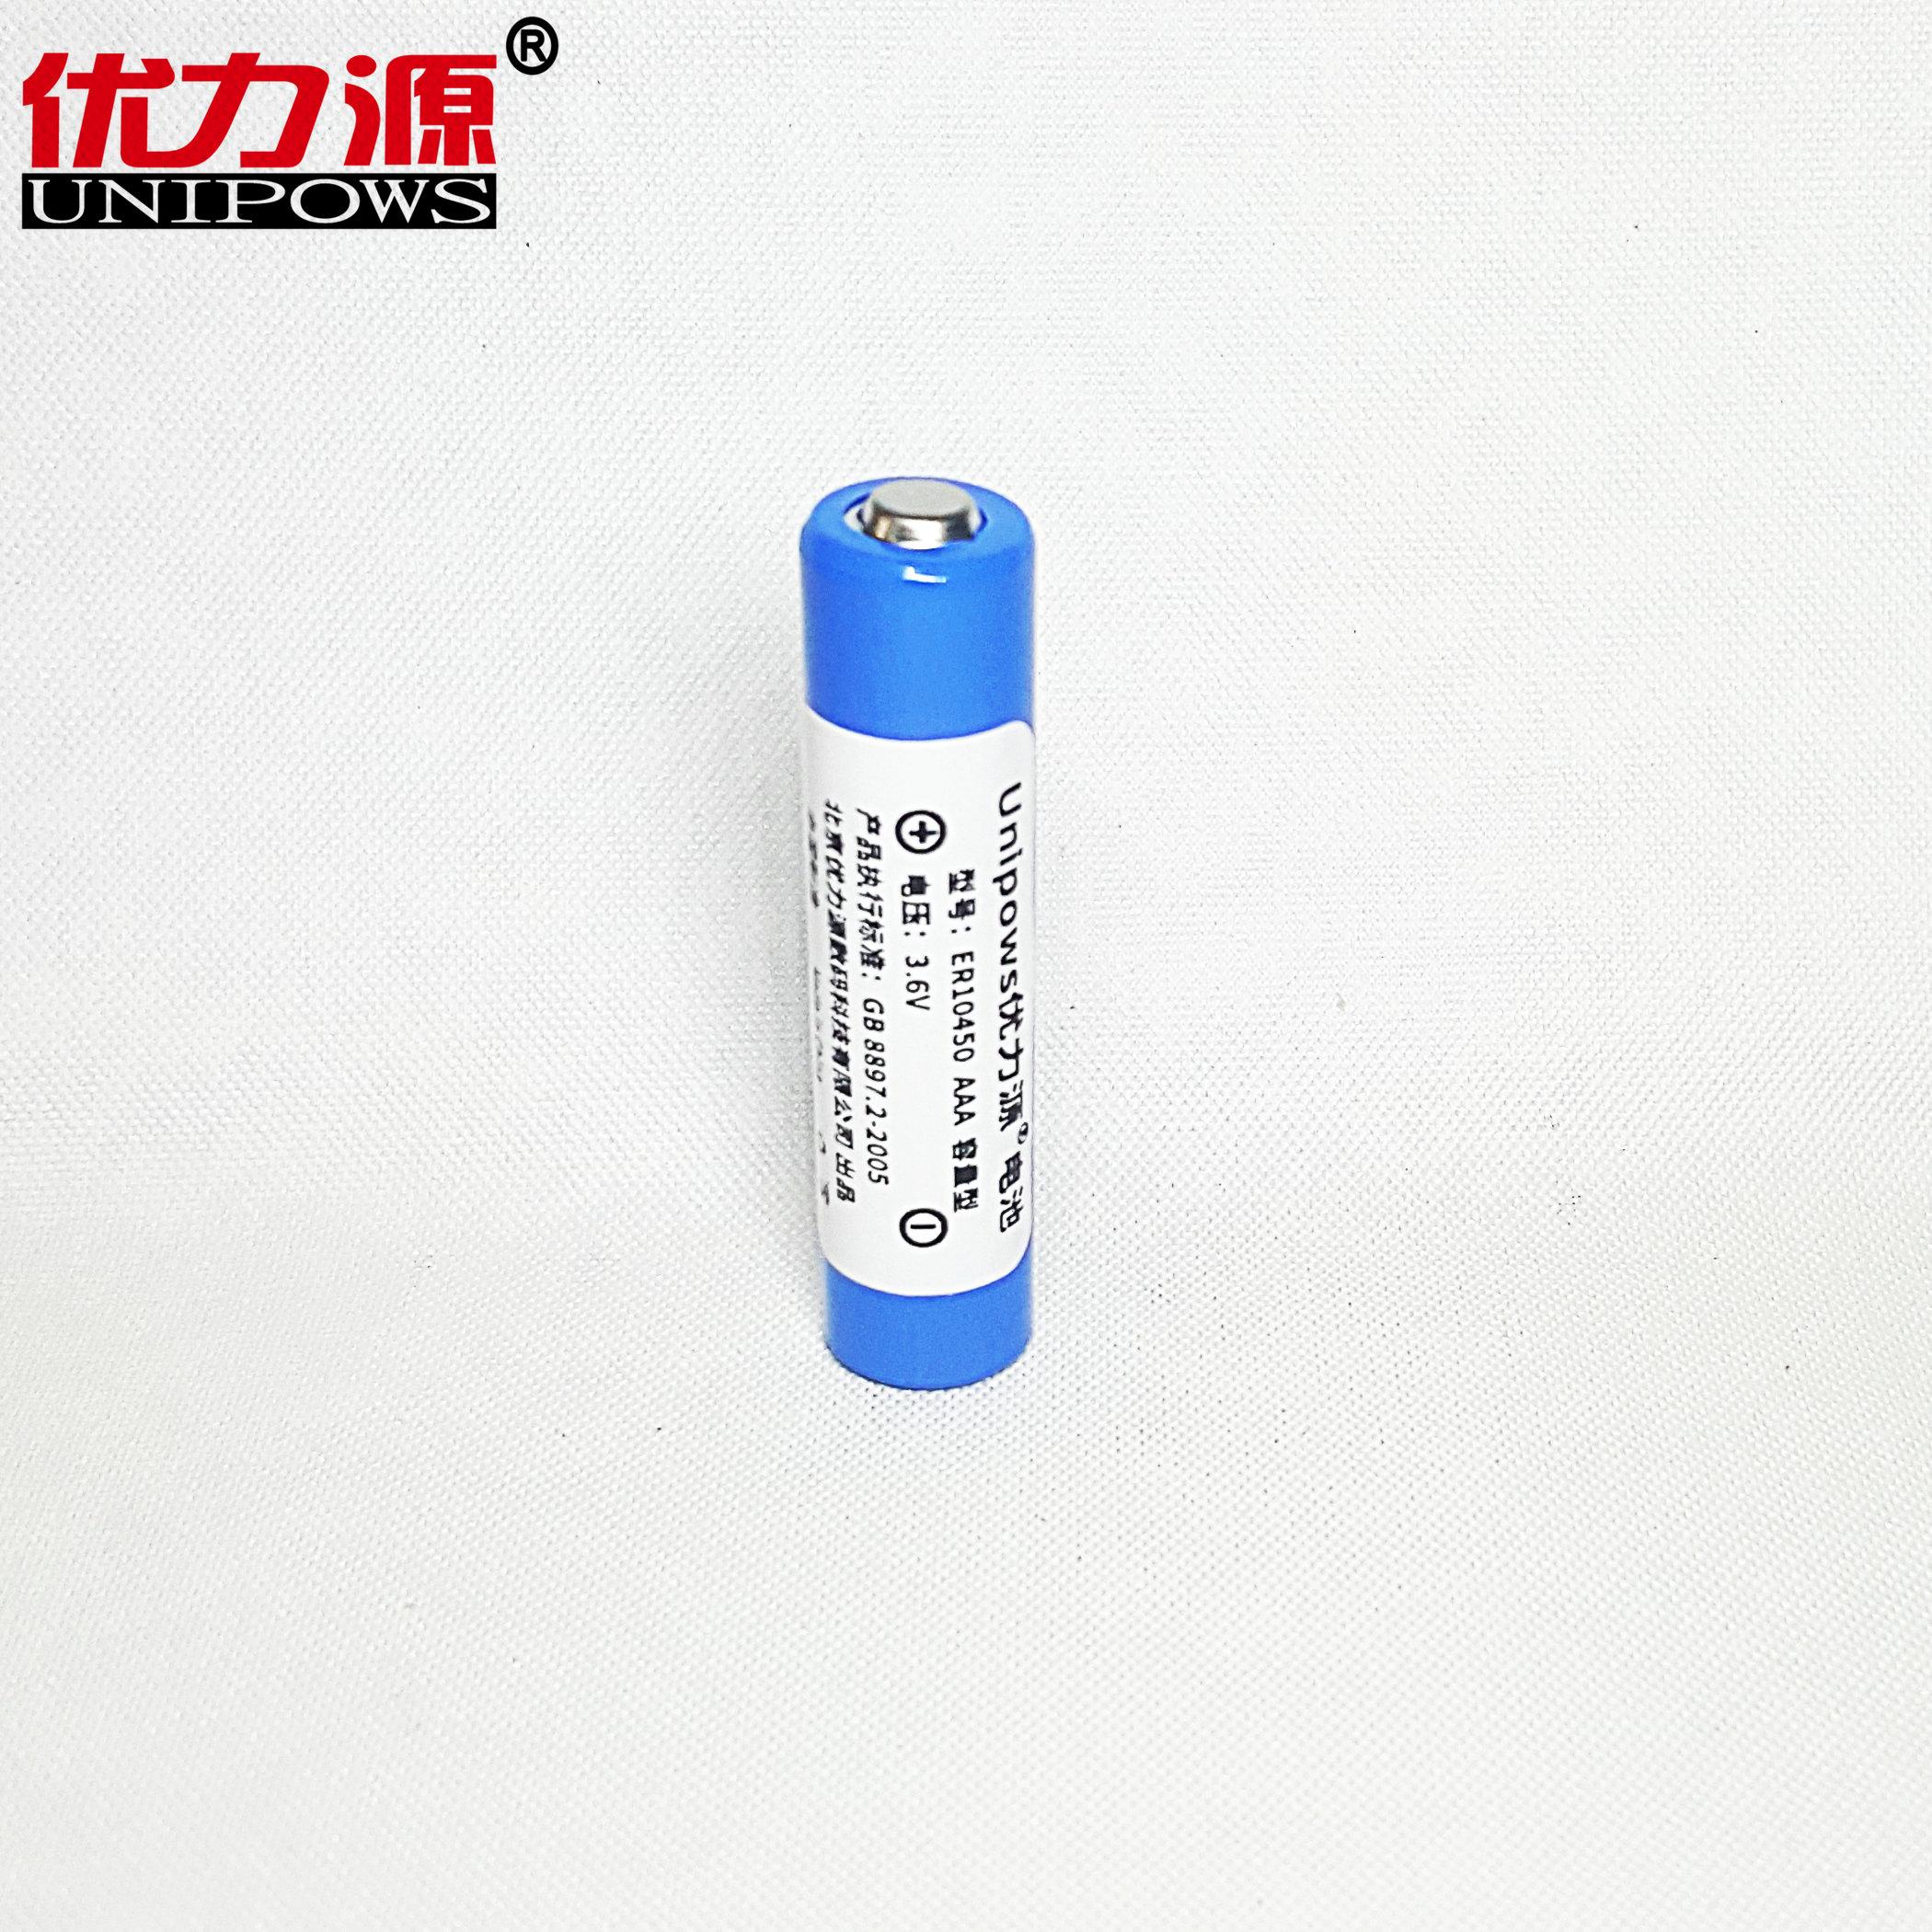 优力源ER10450 3.6V锂亚电池AAA 大龙供热 地暧温控器 温感器电池